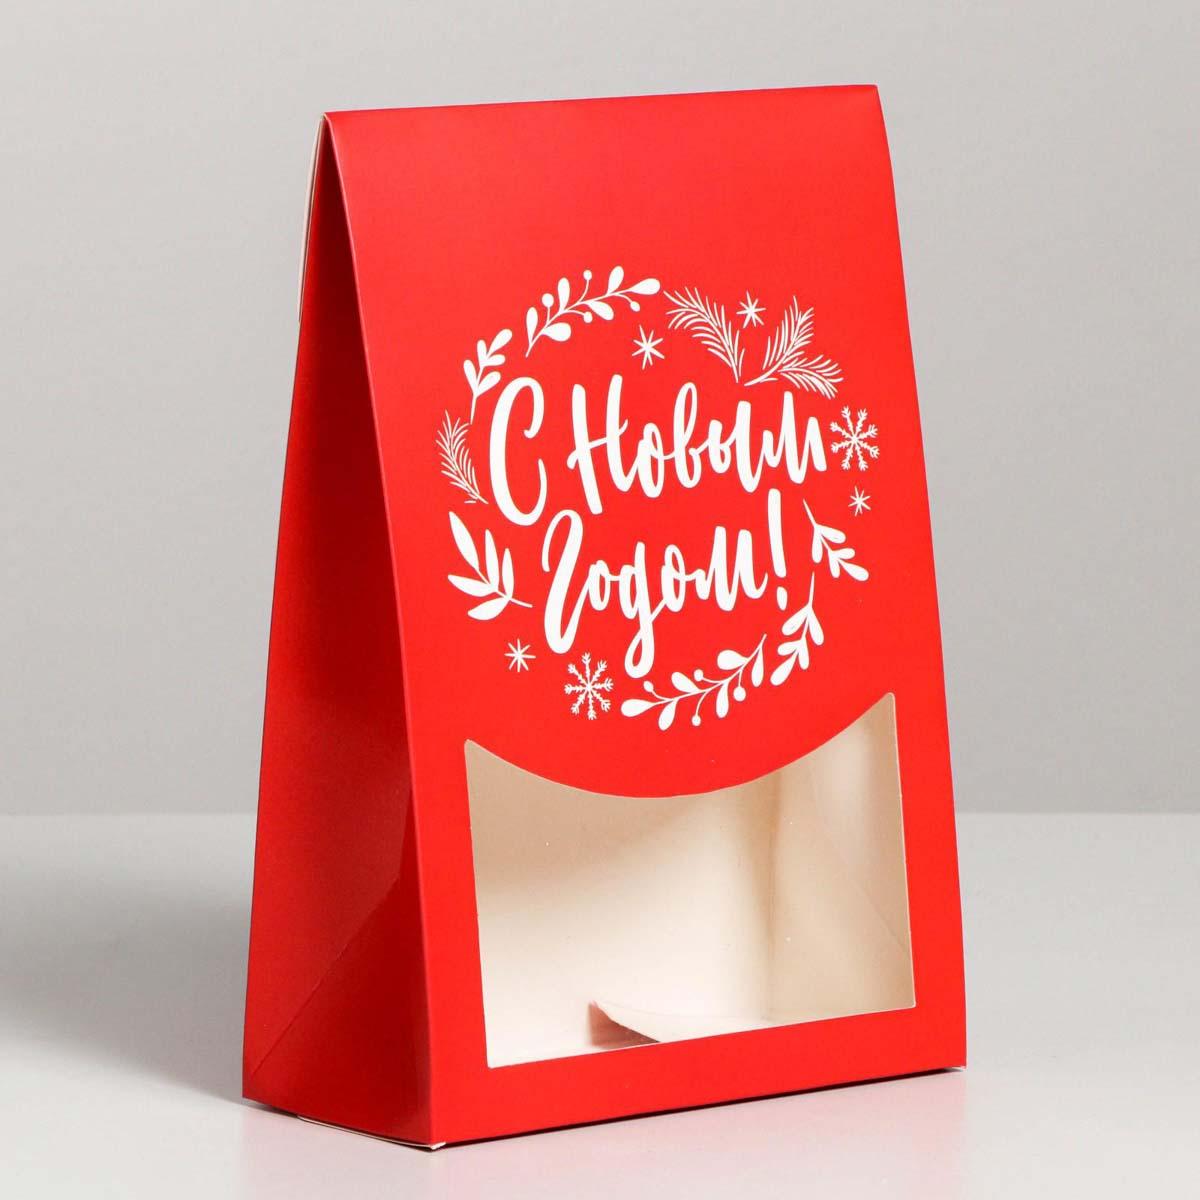 4810369 Коробка складная «С Новым Годом!», 15*7*22 см